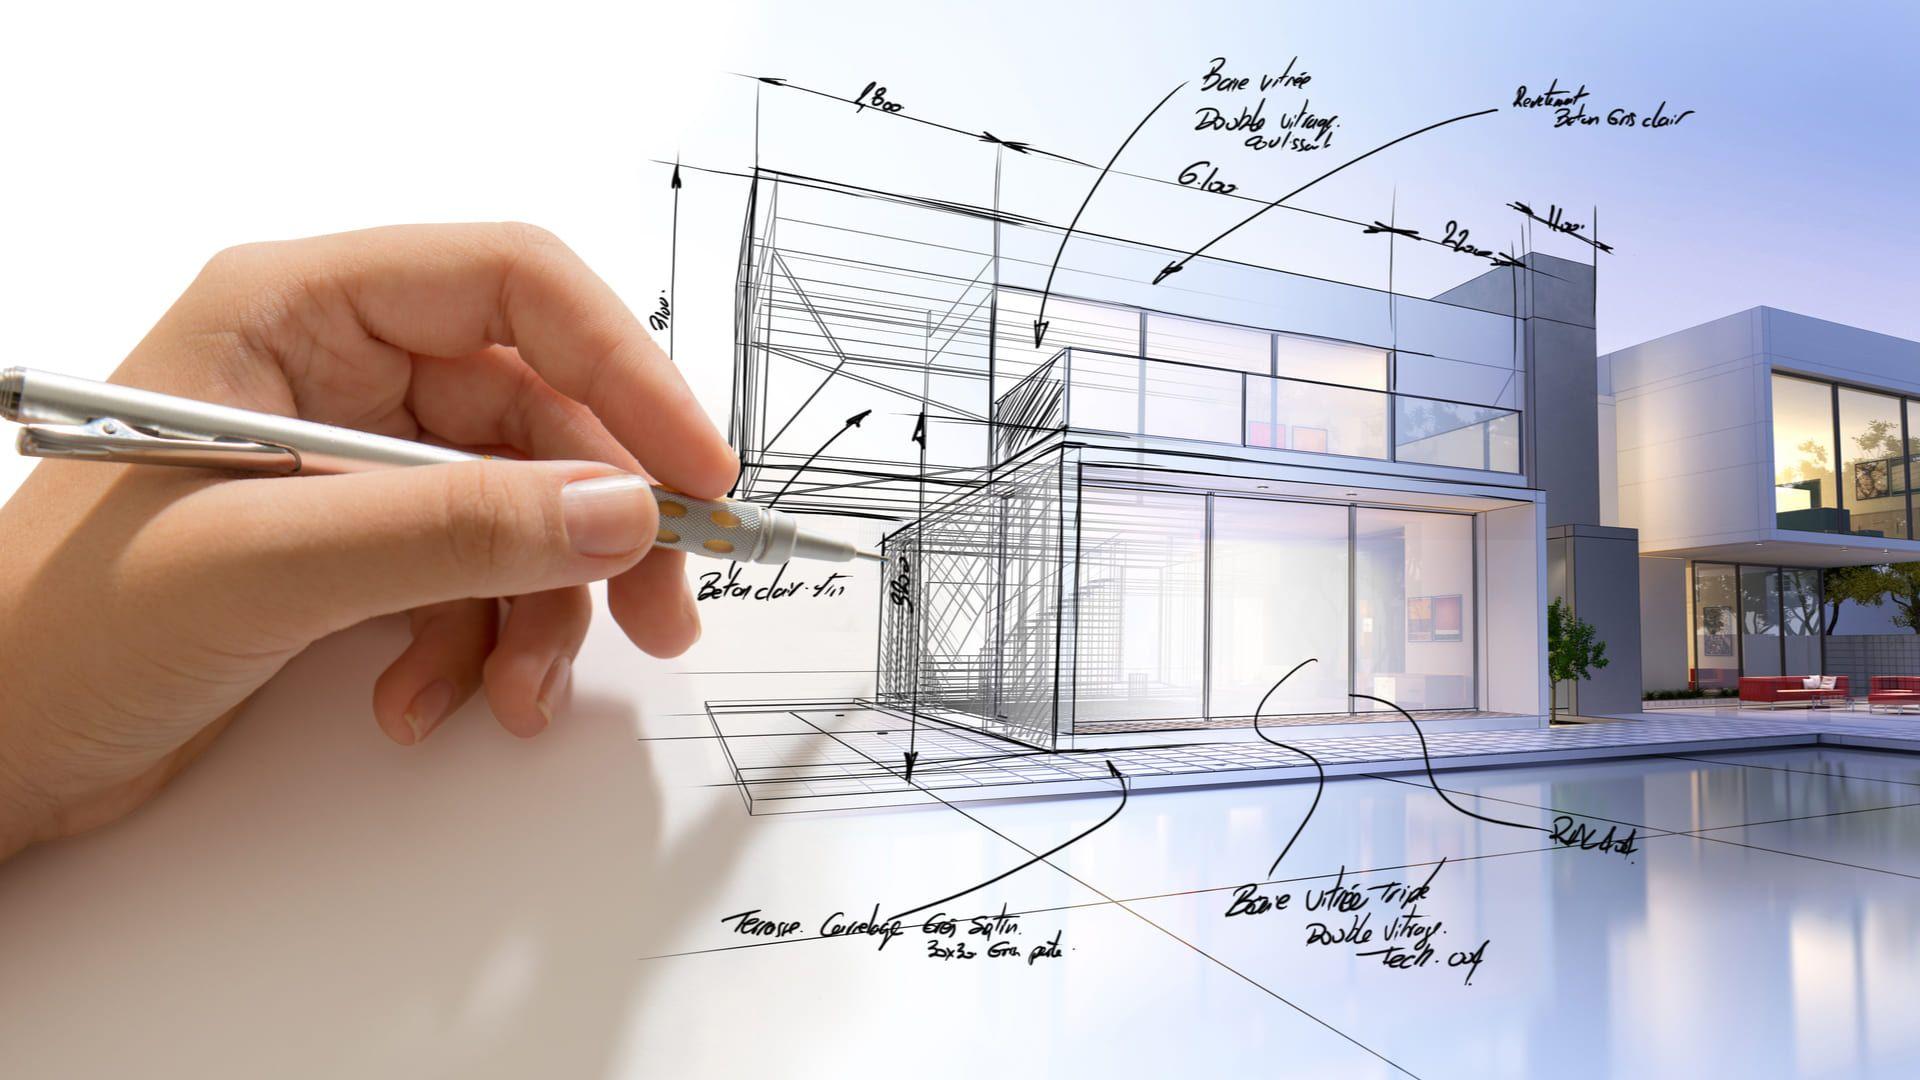 Mão segurando caneta em cima de desenho de casas